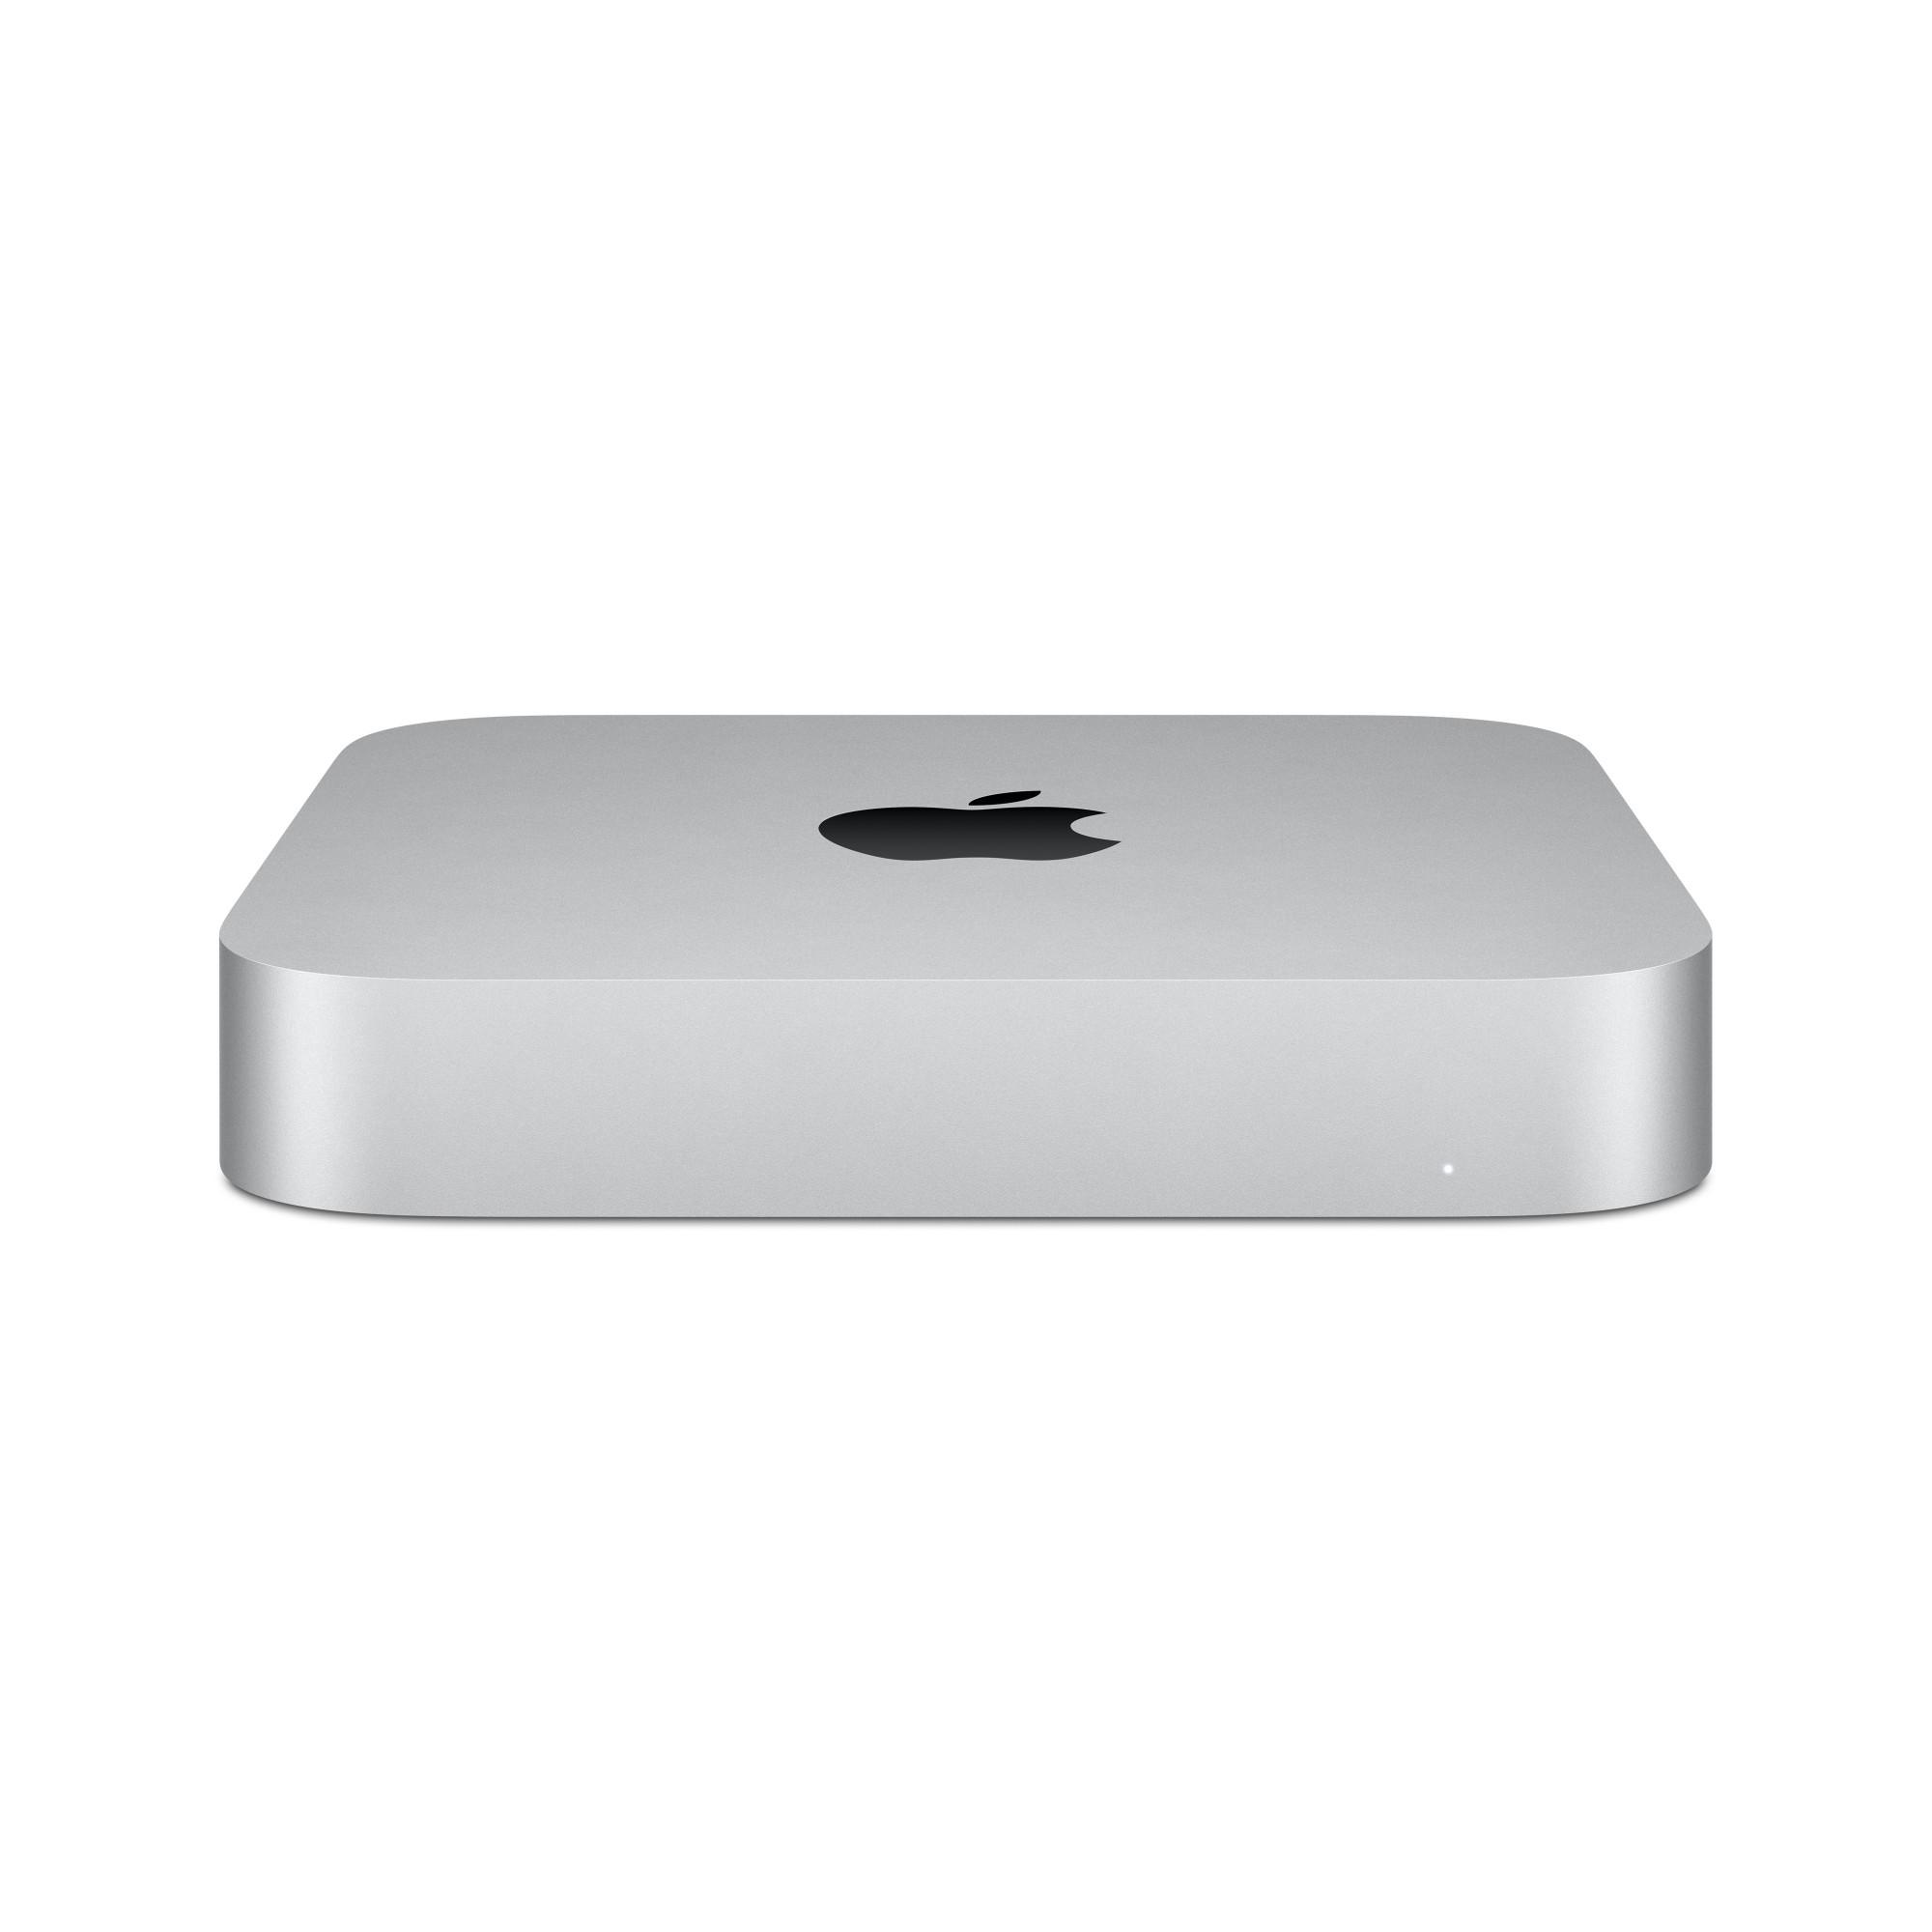 Apple Mac mini : M1 chip with 8_core CPU and 8_core GPU, 512GB SSD (2020)